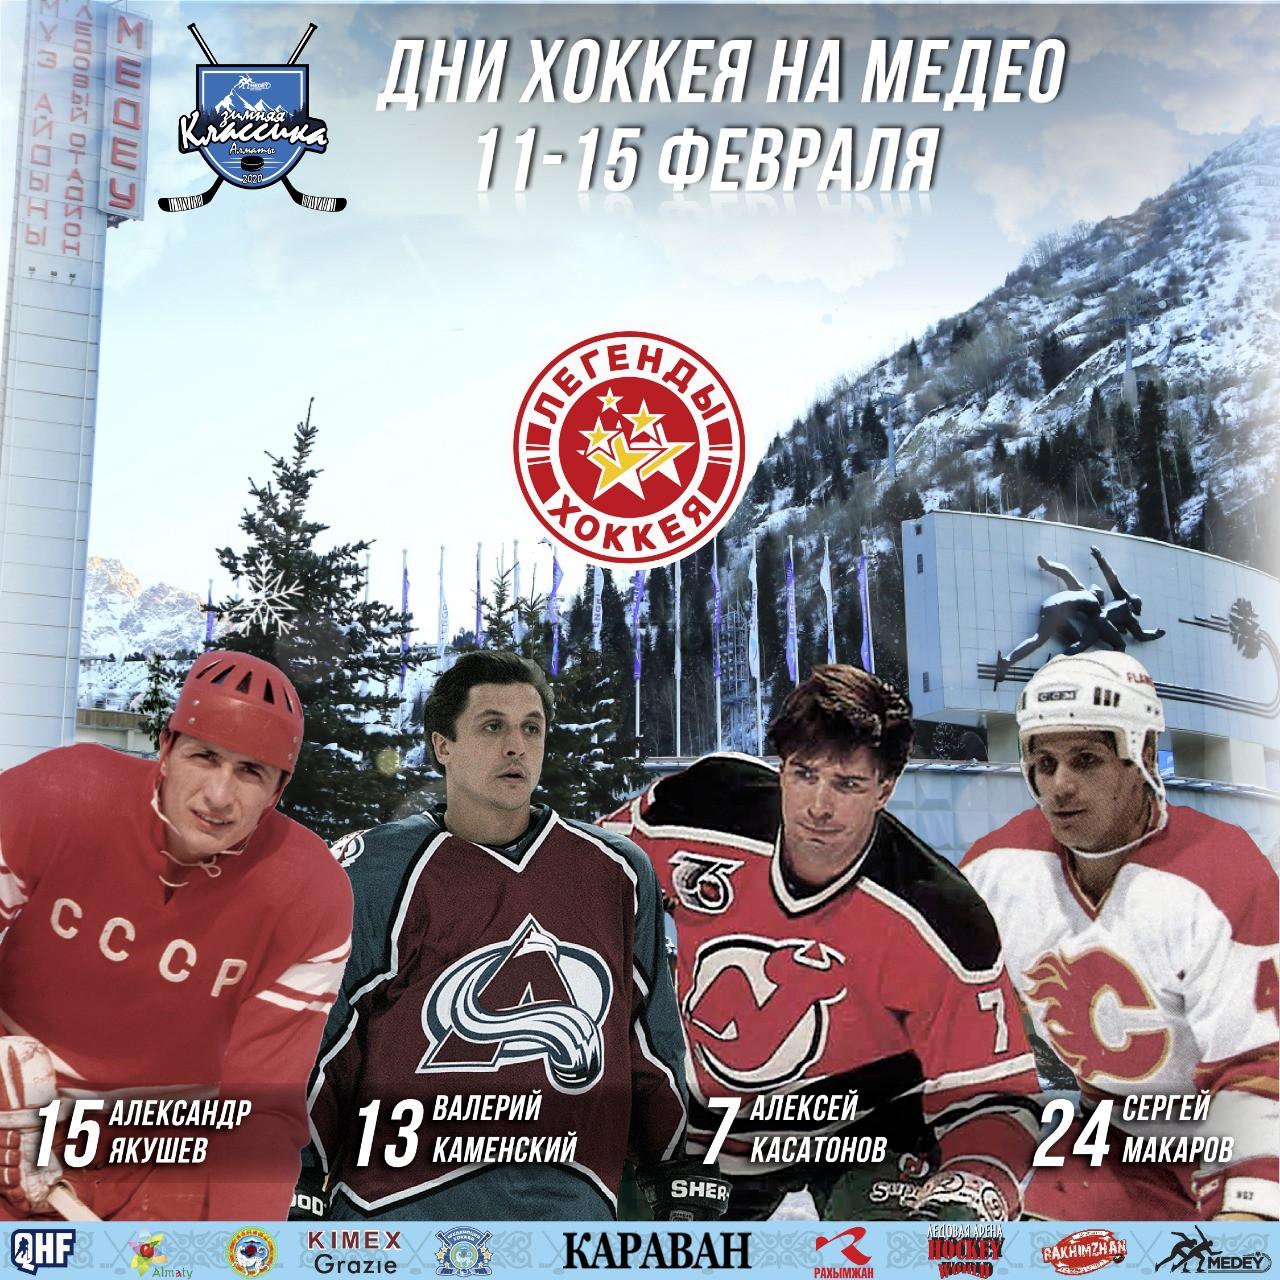 dni-hockey-medeo-53456546